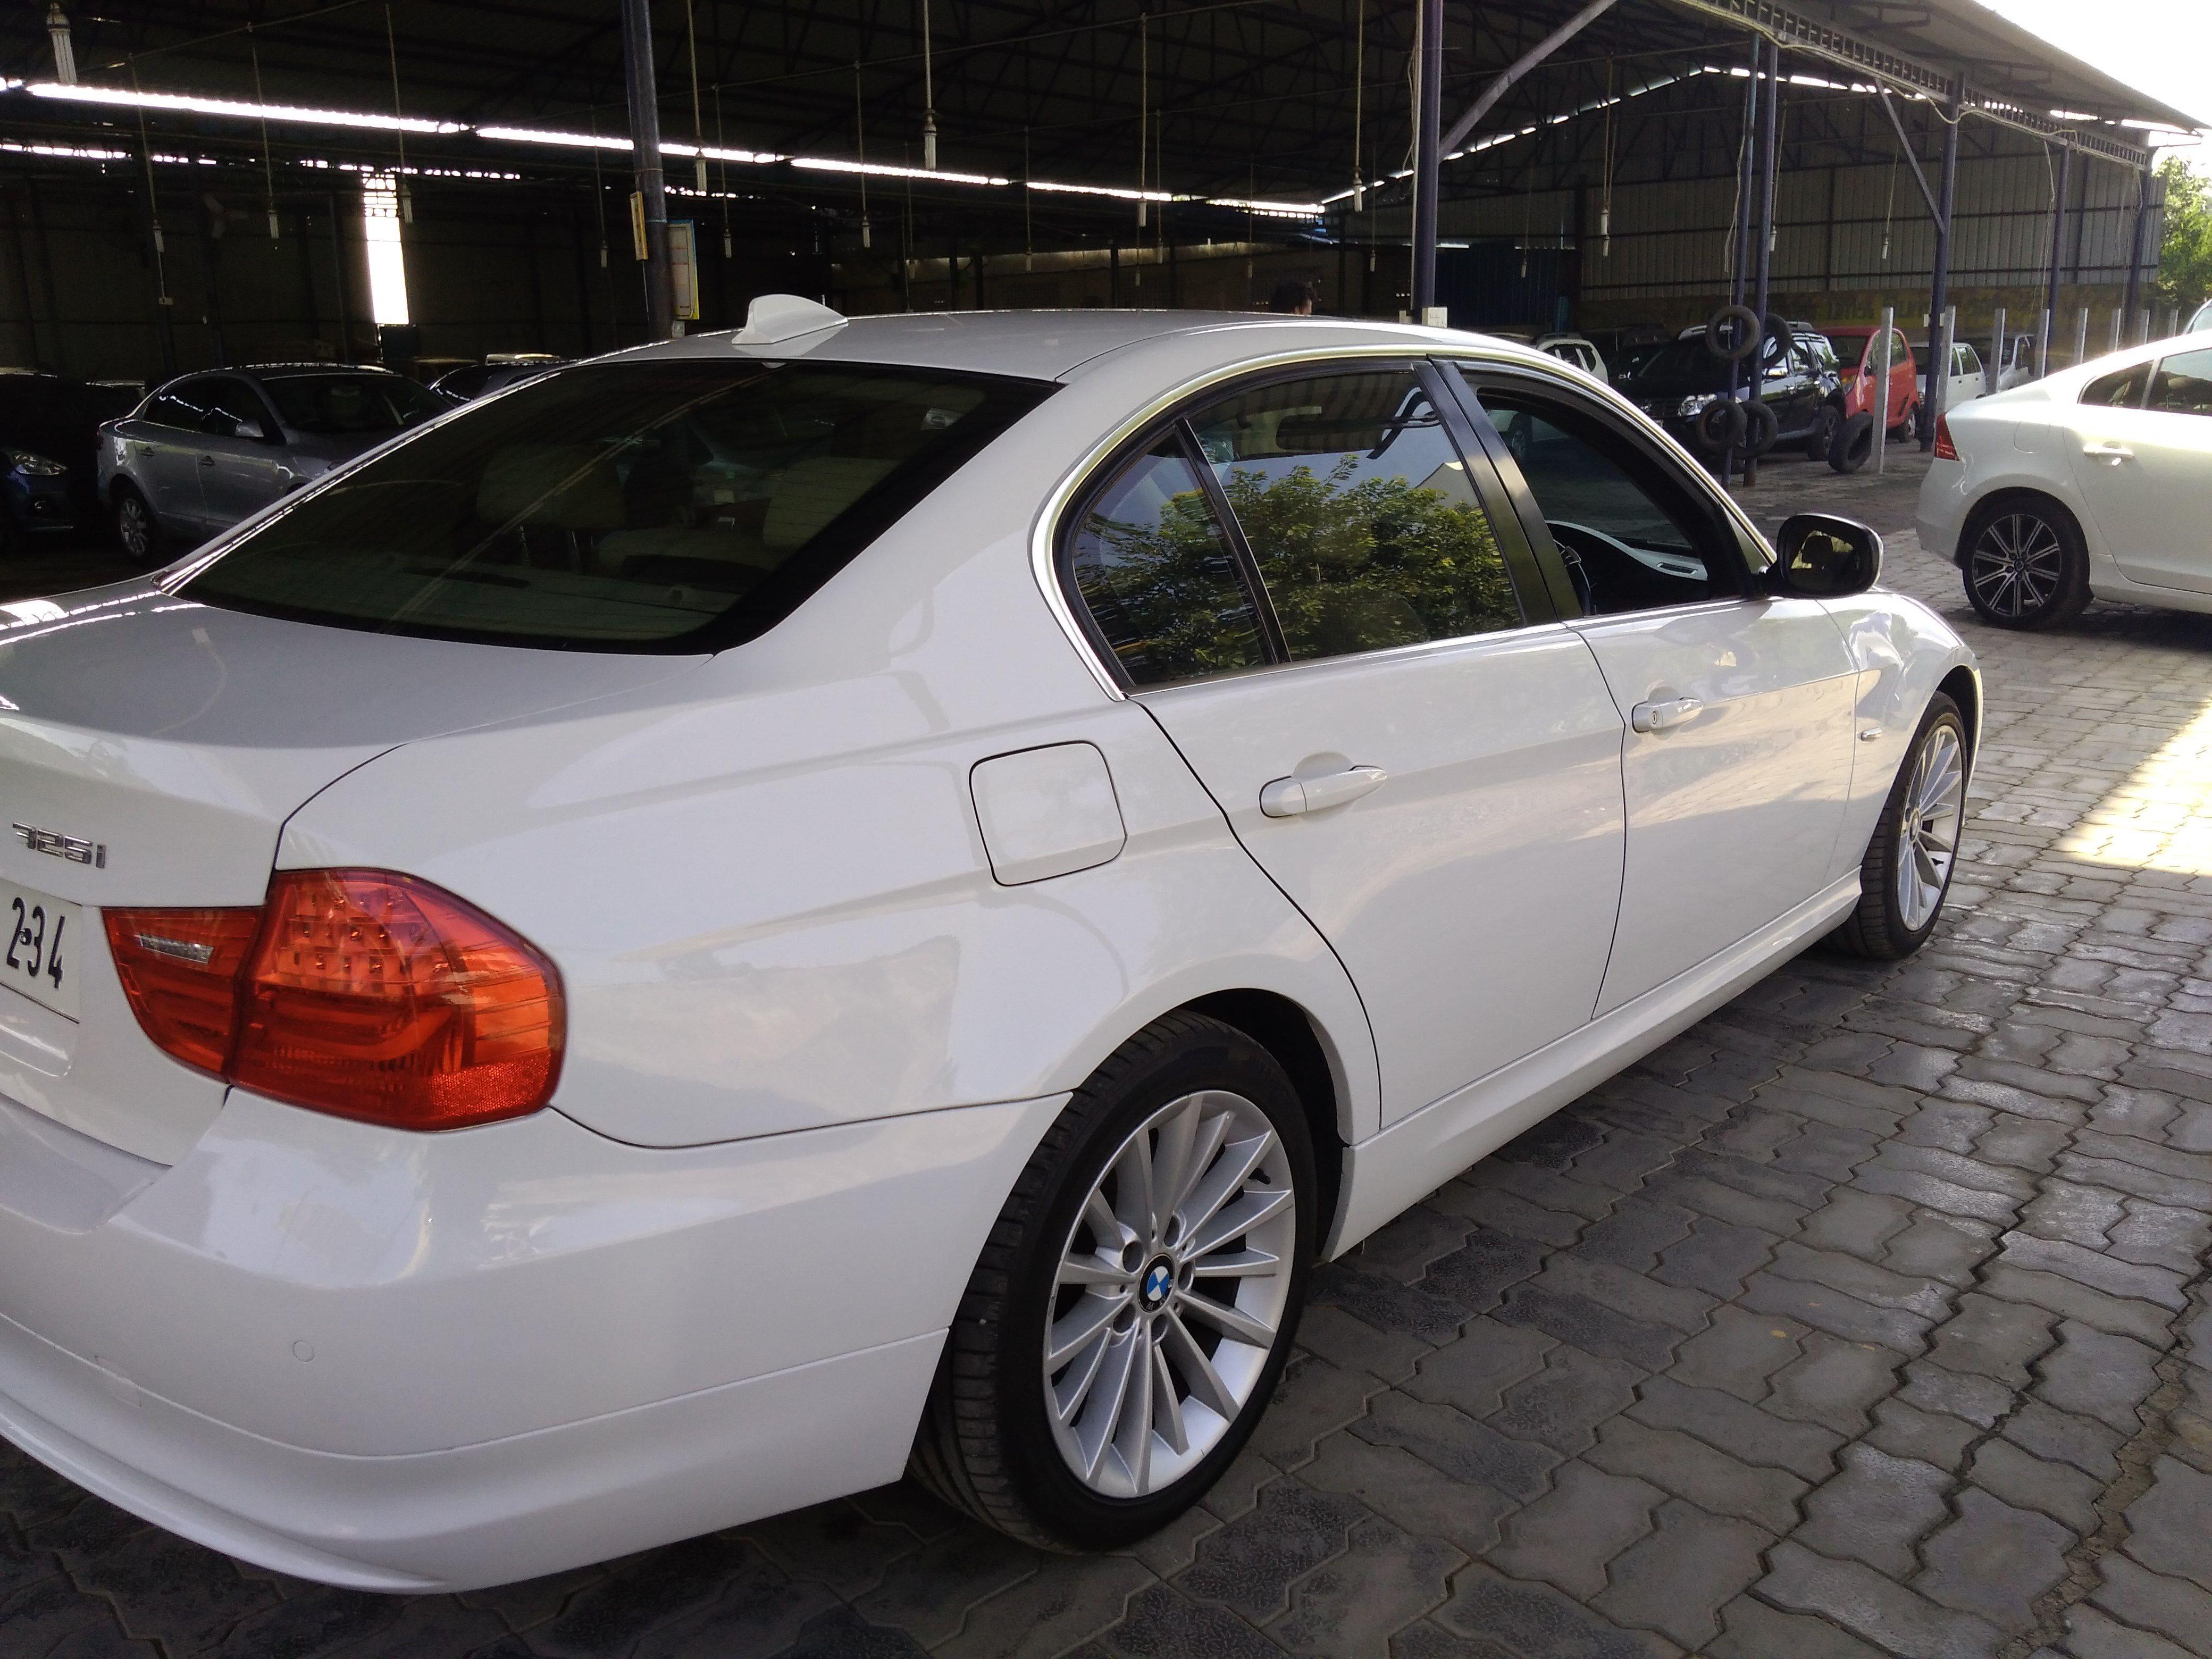 Used BMW Series I - Bmw 325i 2011